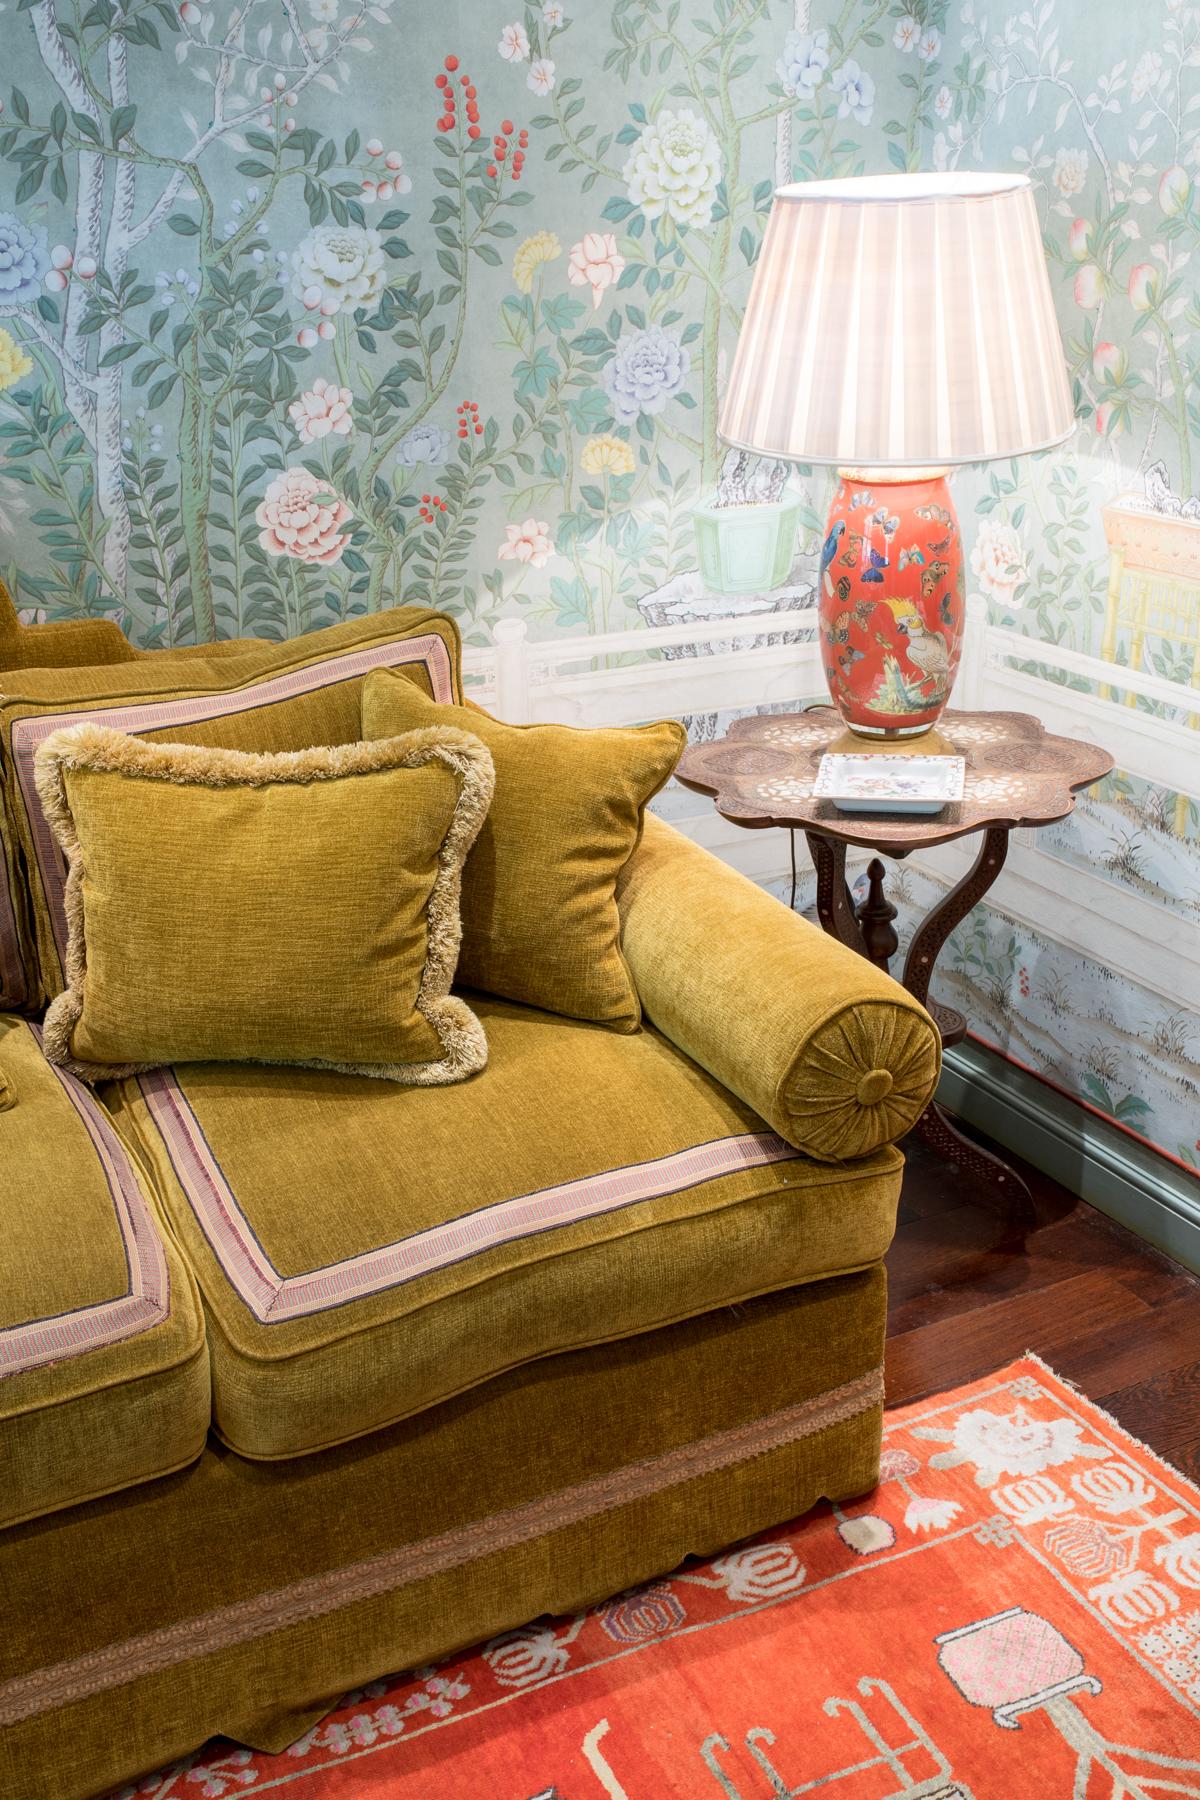 Stacie Flinner Hotel Daniel Relais Chateaux Paris-5.jpg